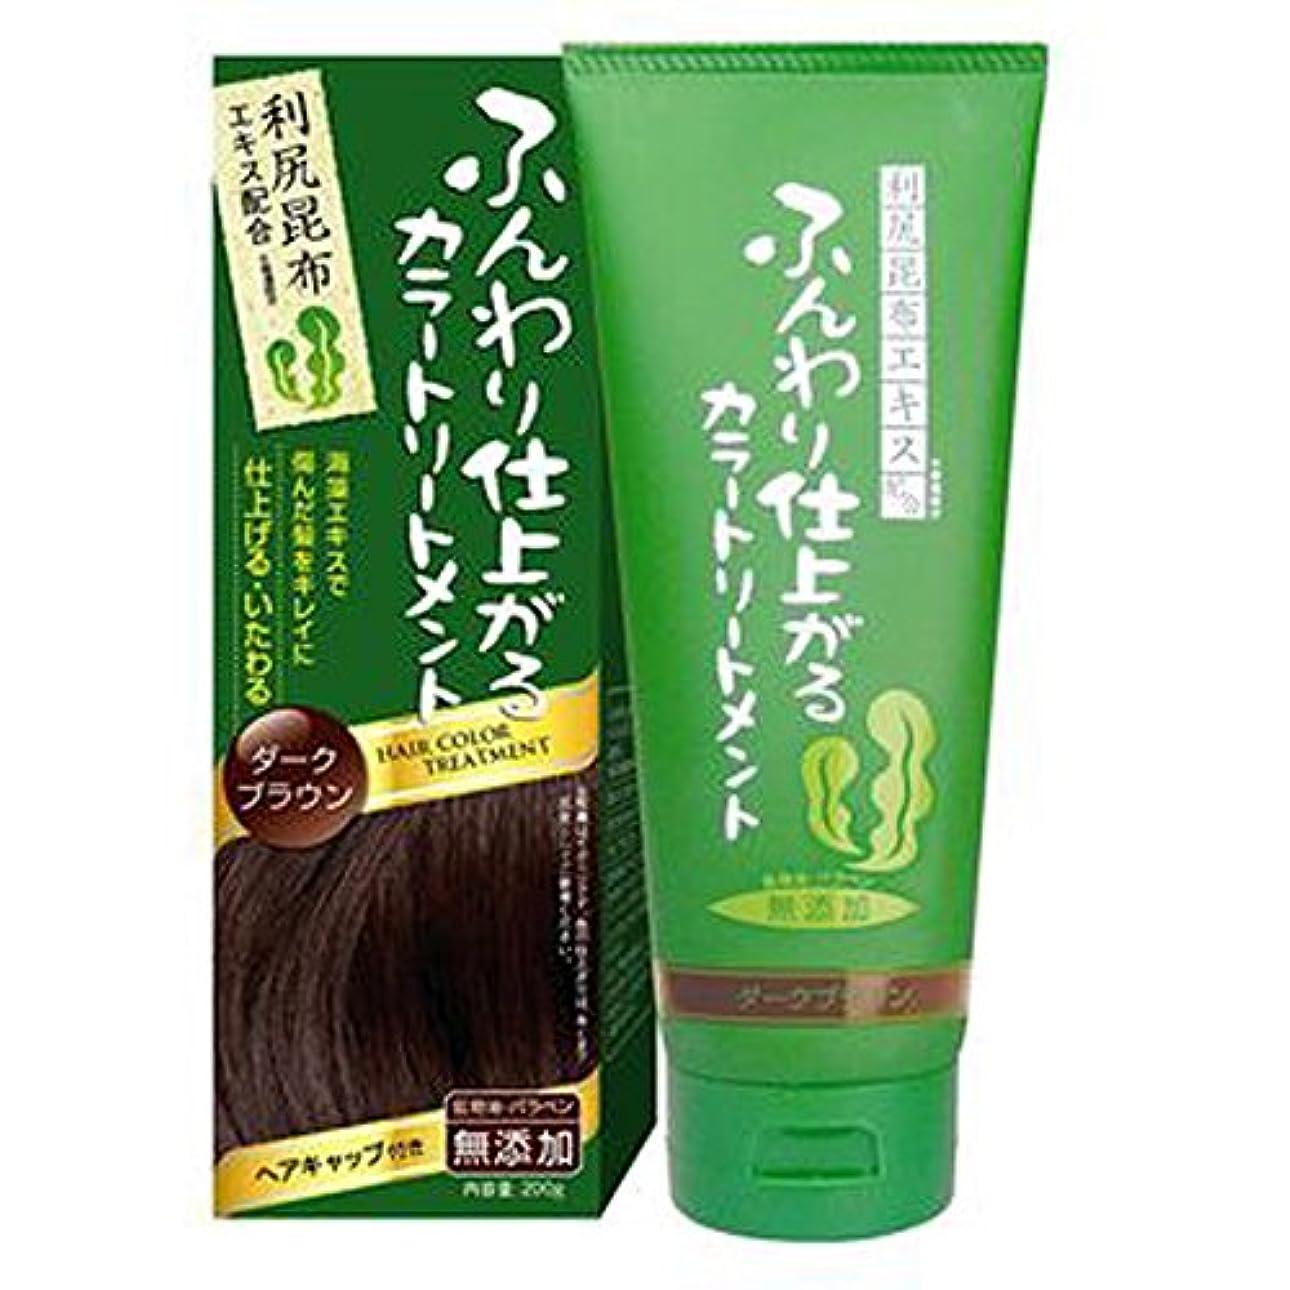 発火するプラットフォーム波紋ふんわり仕上がるカラートリートメント 白髪 染め 保湿 利尻昆布エキス配合 ヘアカラー (200g ダークブラウン) rishiri-haircolor-200g-dbr